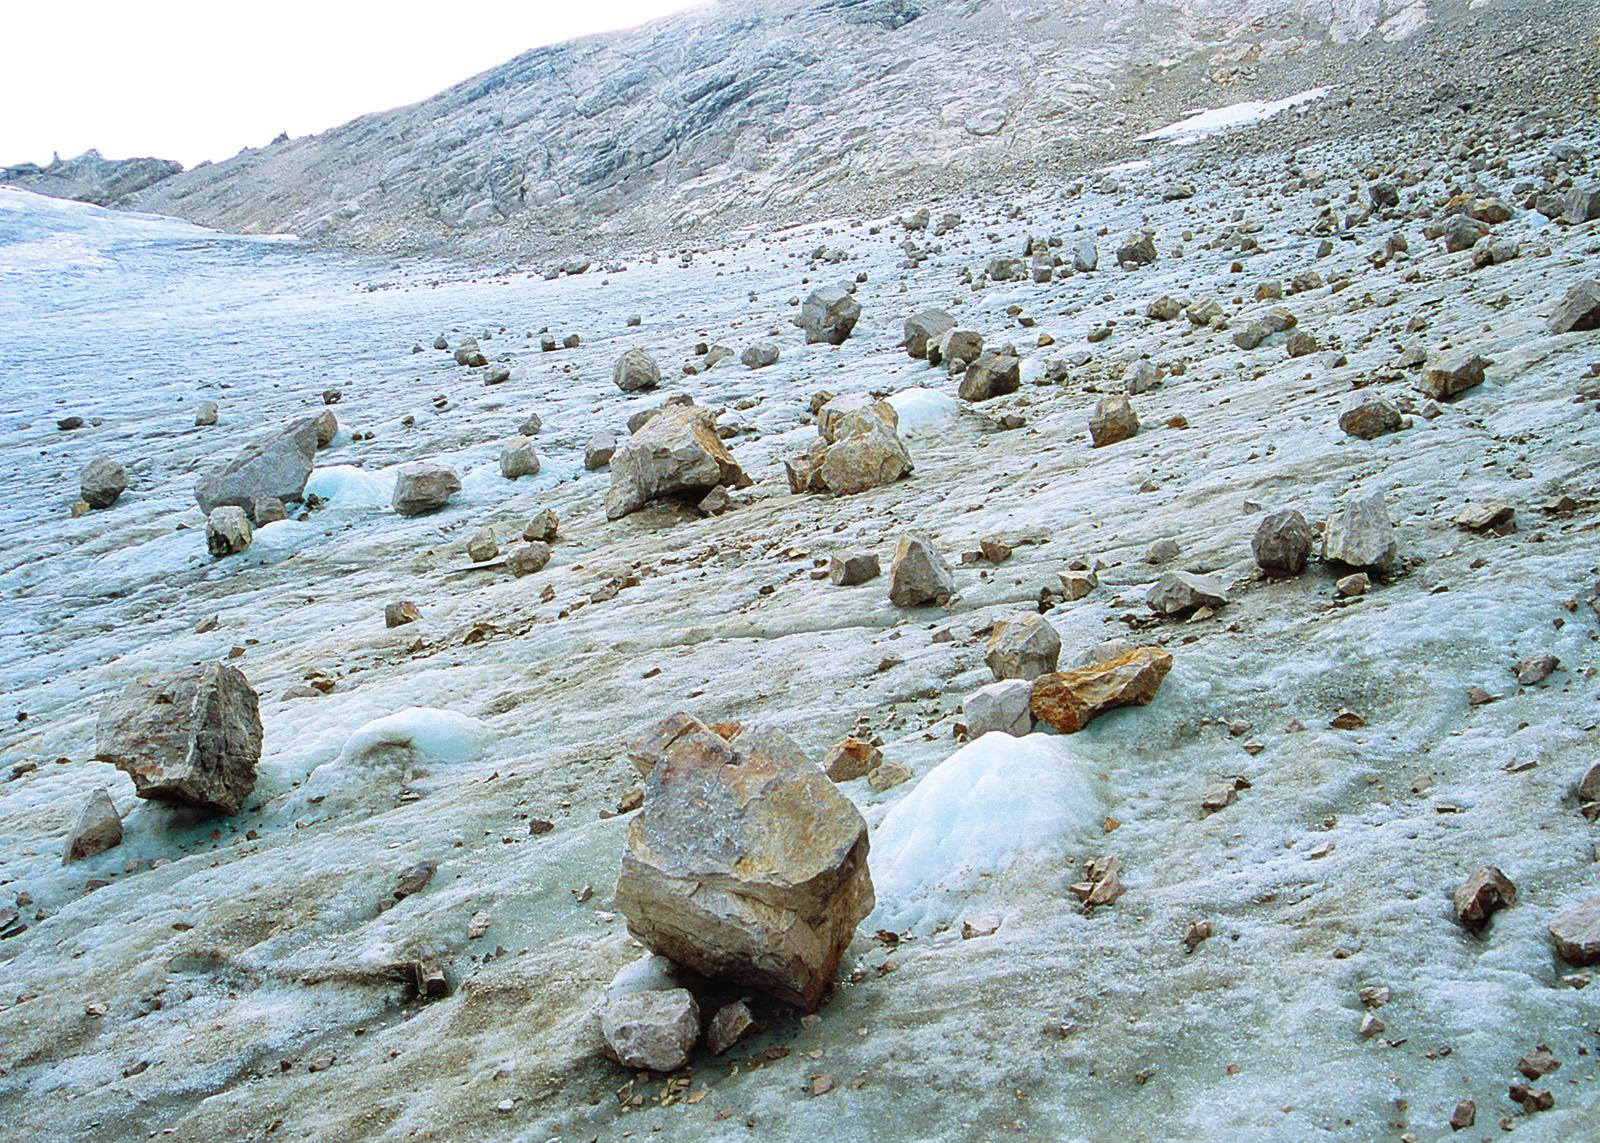 Größere Steine auf einem vereisten Abhang.